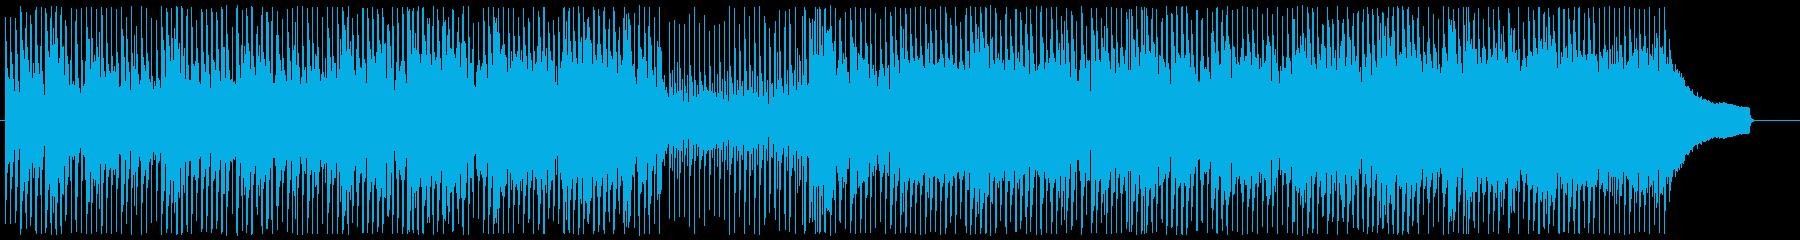 アップテンポなほがらかアコースティックの再生済みの波形